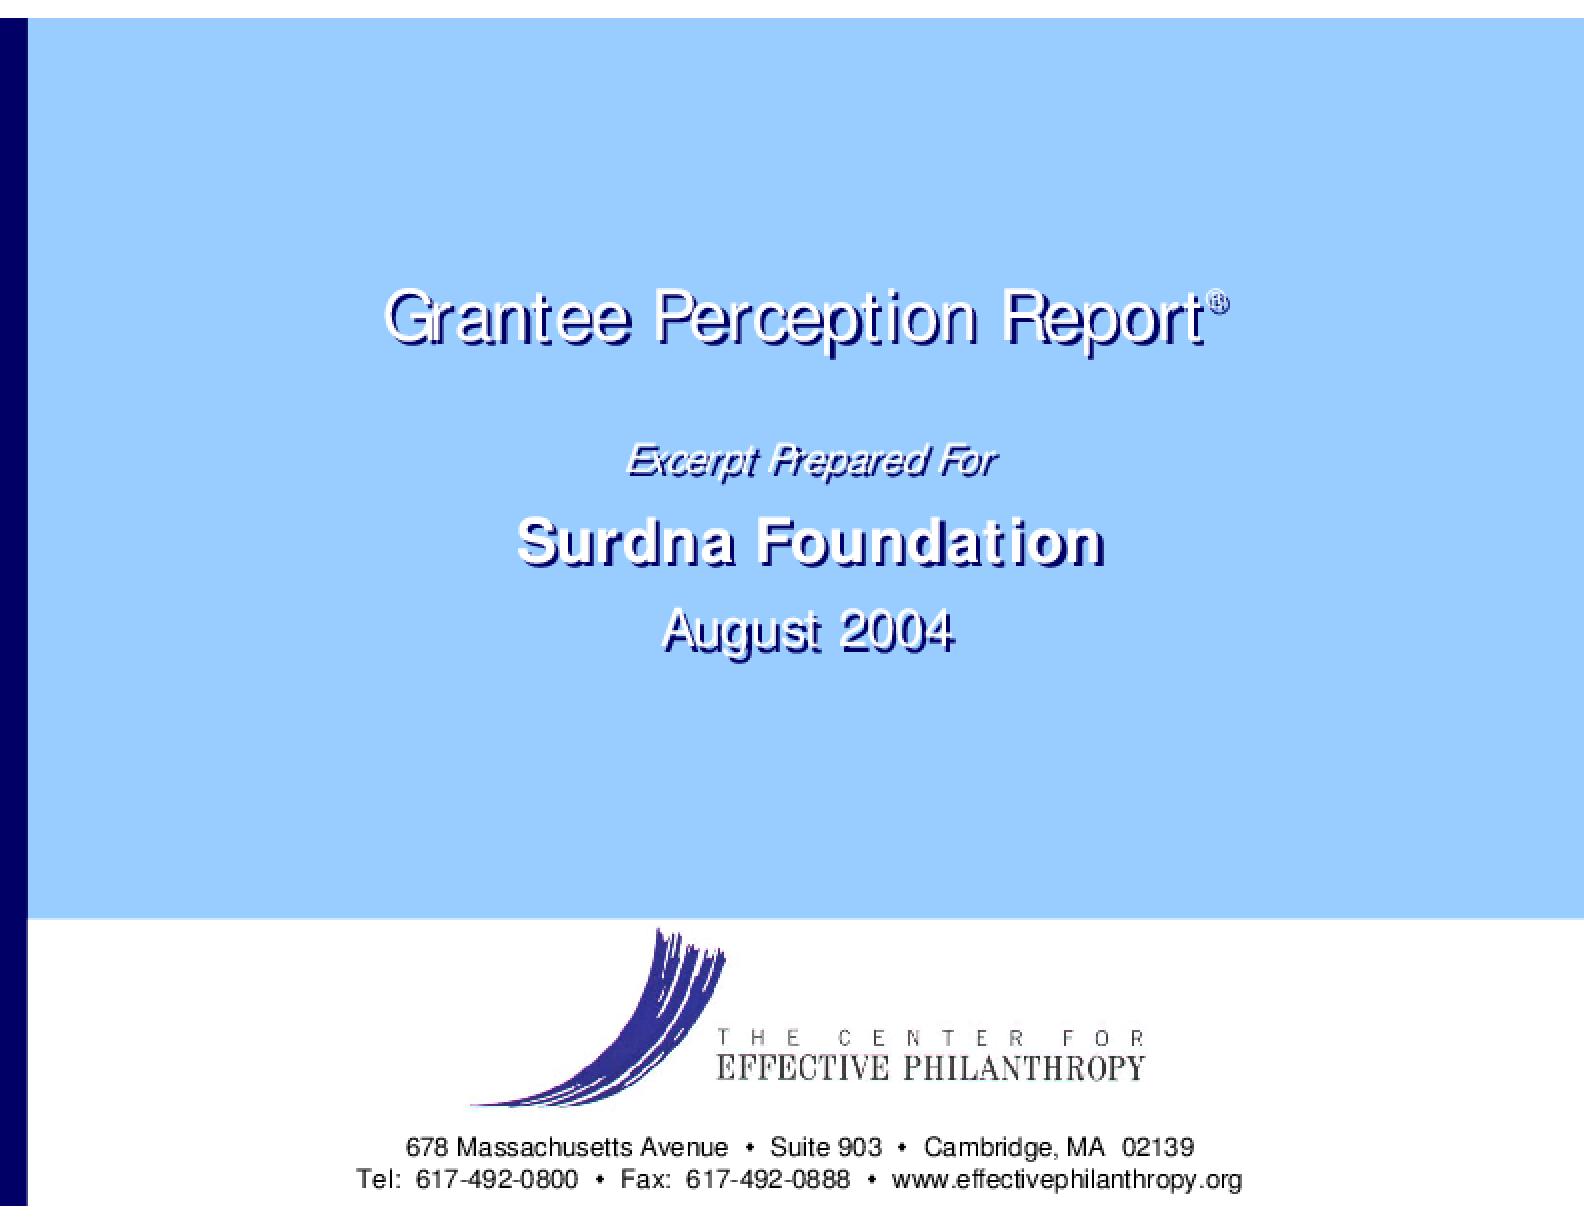 Grantee Perception Report: Surdna Foundation